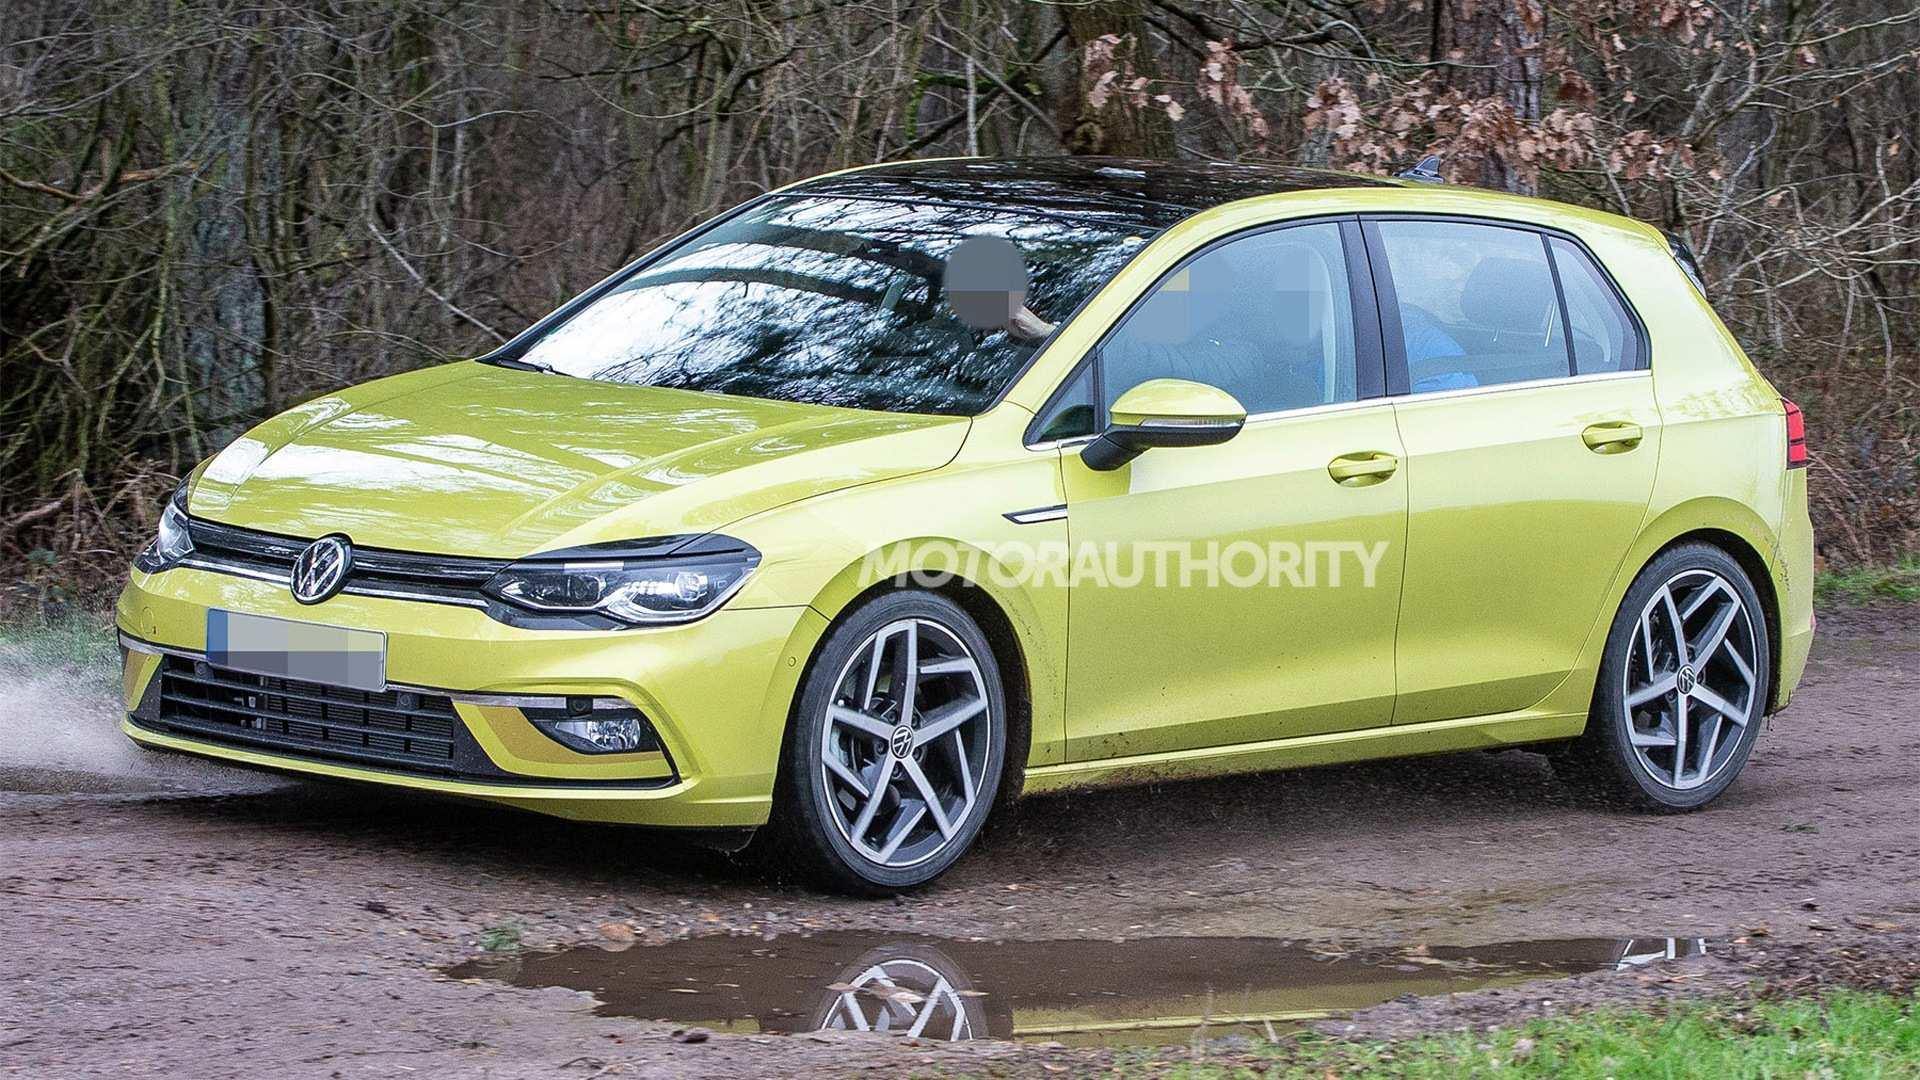 51 Gallery of Volkswagen E Up 2020 Specs for Volkswagen E Up 2020